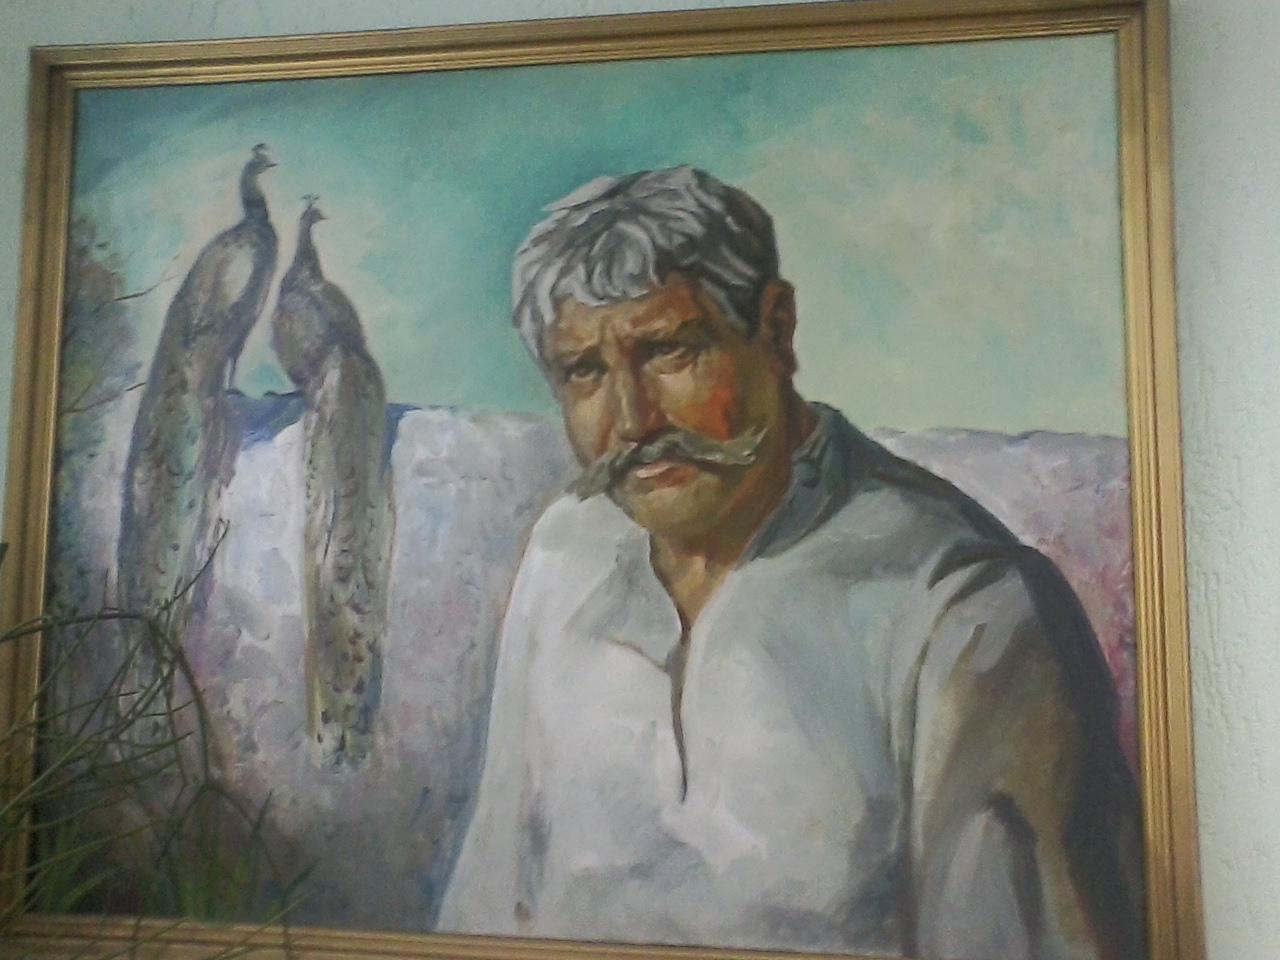 актер Павел Луспекаев. фото: Галина Пилипенко